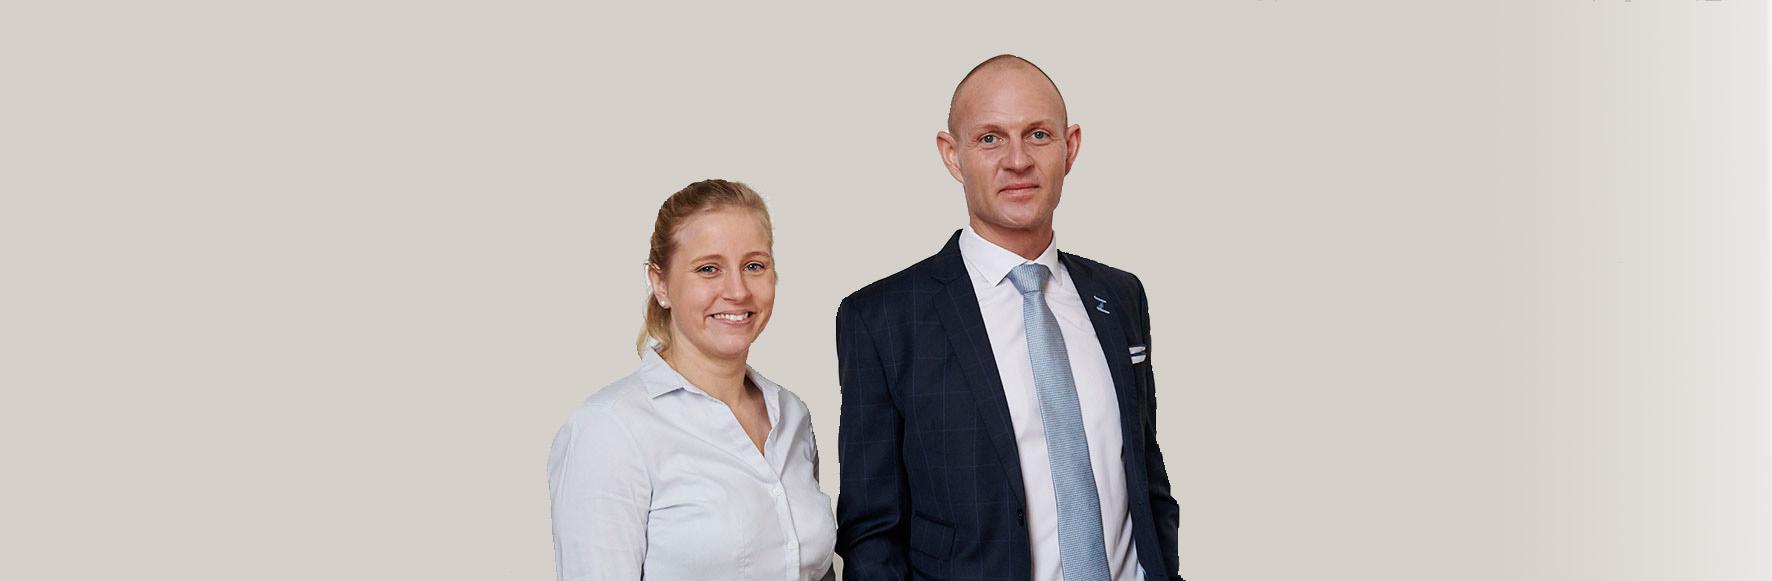 Advokatfirmaet Nygaard